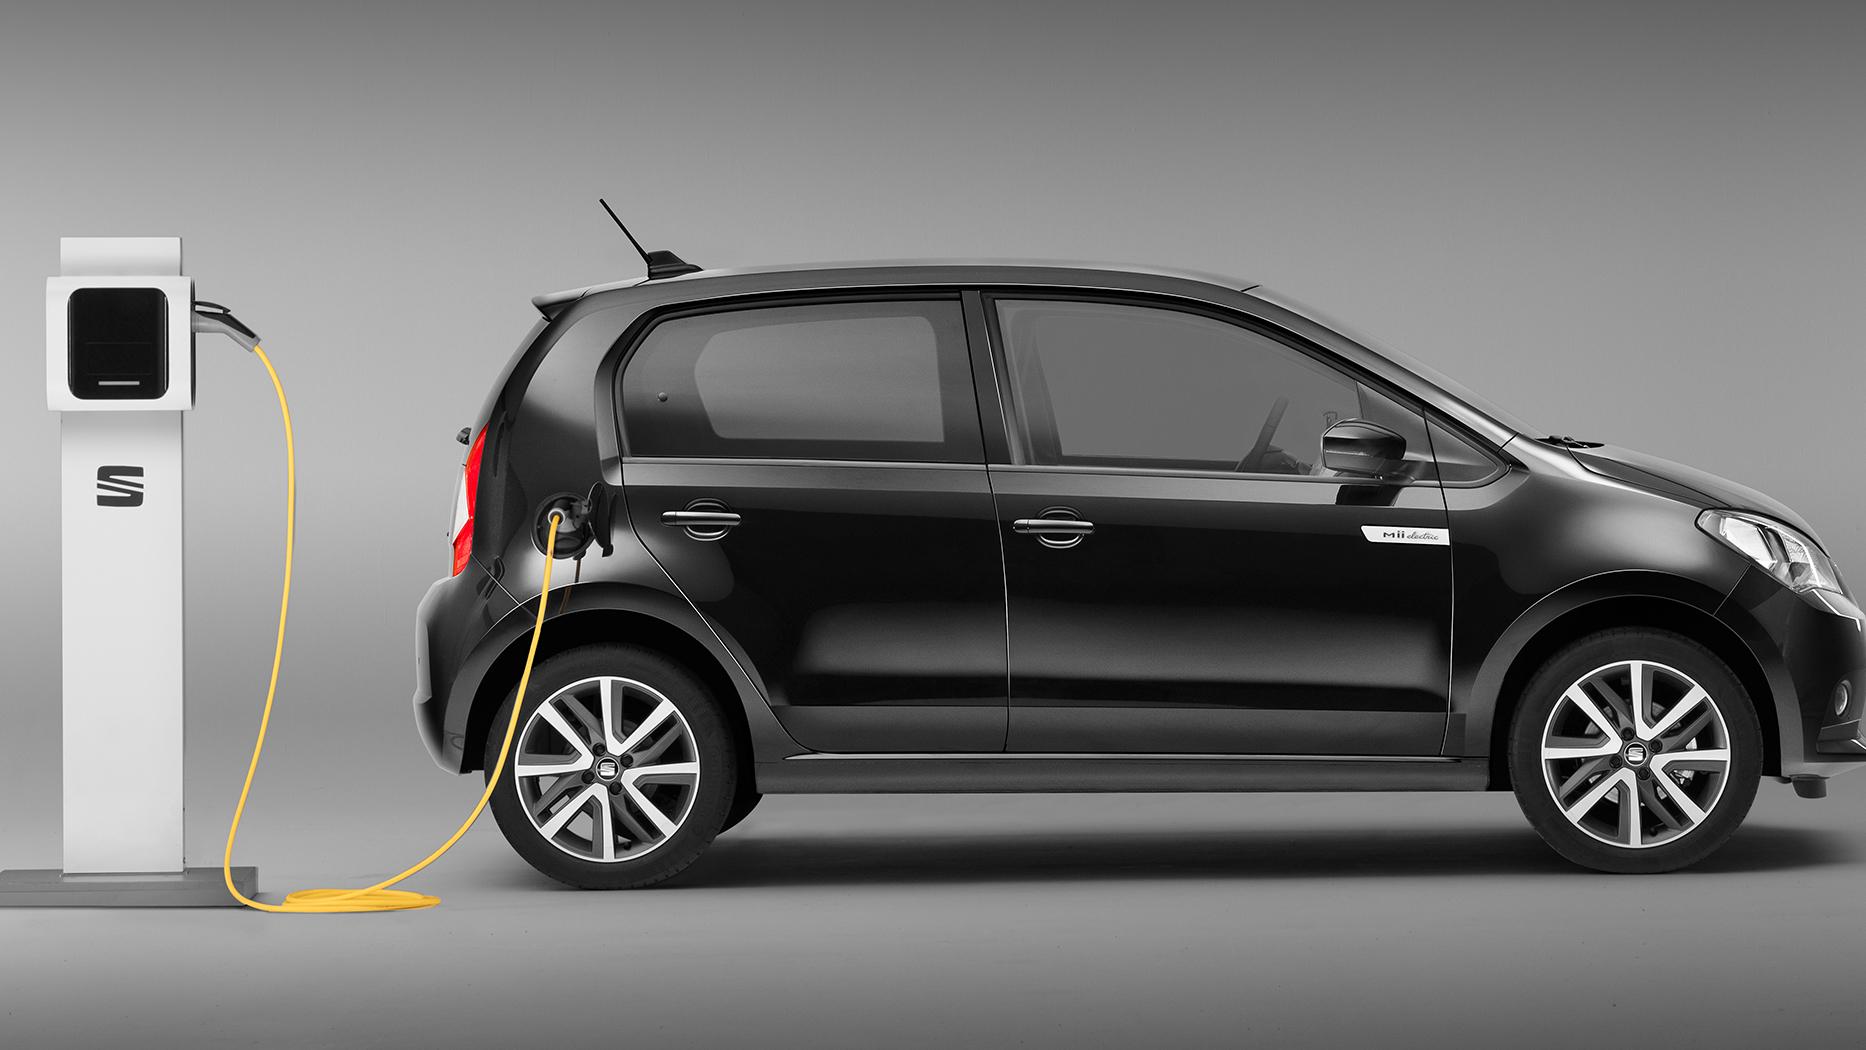 Dit Zijn De Belastingvoordelen Als Je Zakelijk Een Elektrische Auto Rijdt Elektrisch Rijden Seat Nl